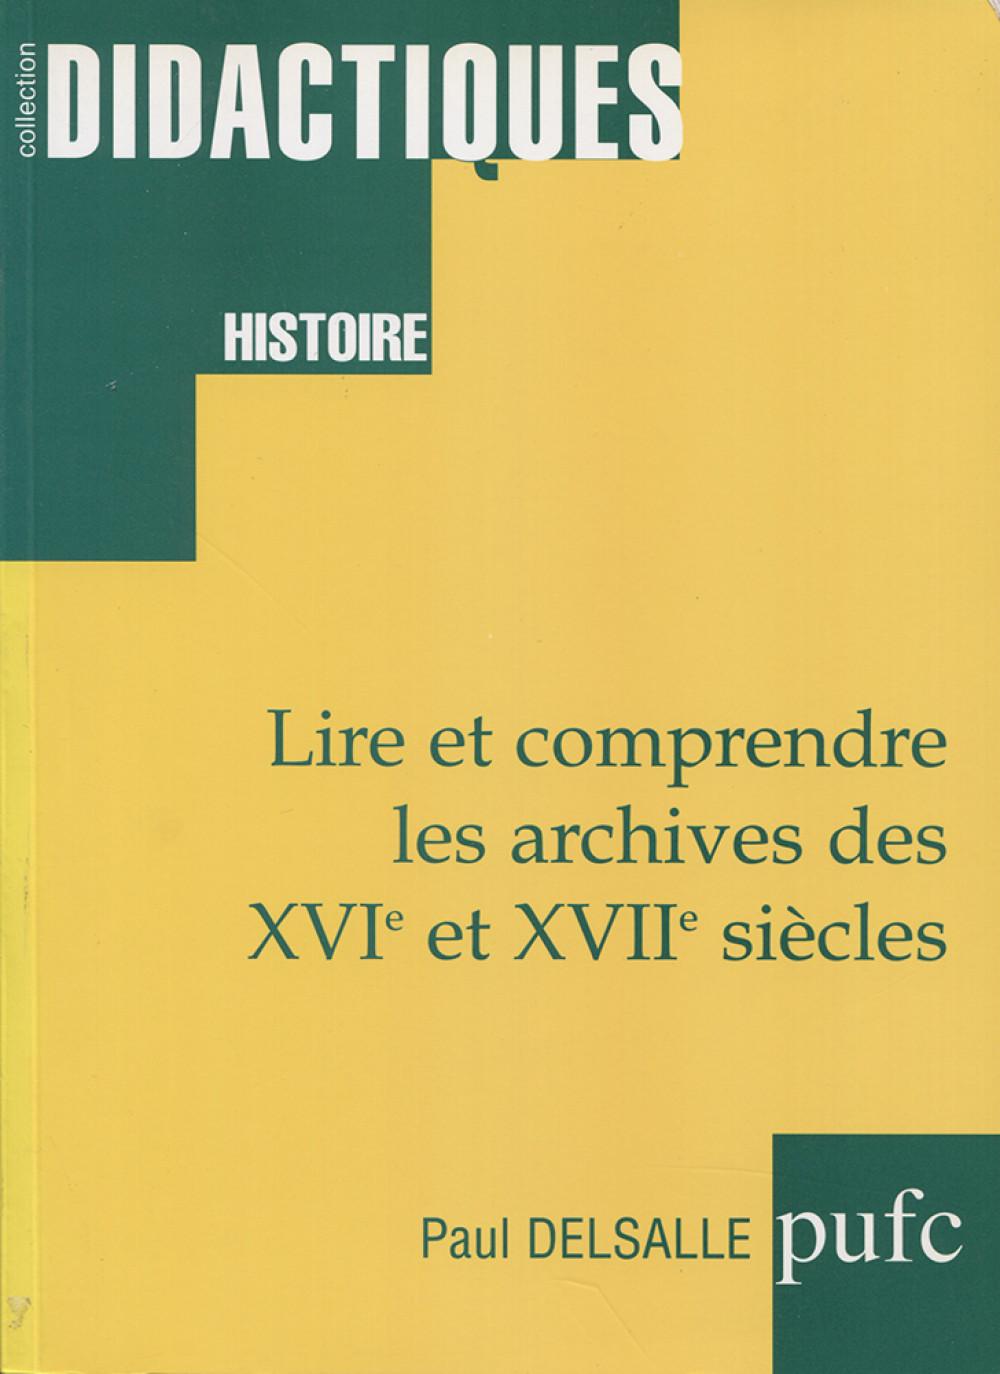 """Lire et comprendre les archives des <span style=""""font-variant: small-caps"""">XVI</span><sup>e</sup> et <span style=""""font-variant: small-caps"""">XVII</span><sup>e</sup> siècles - 2<sup>e</sup> édition"""